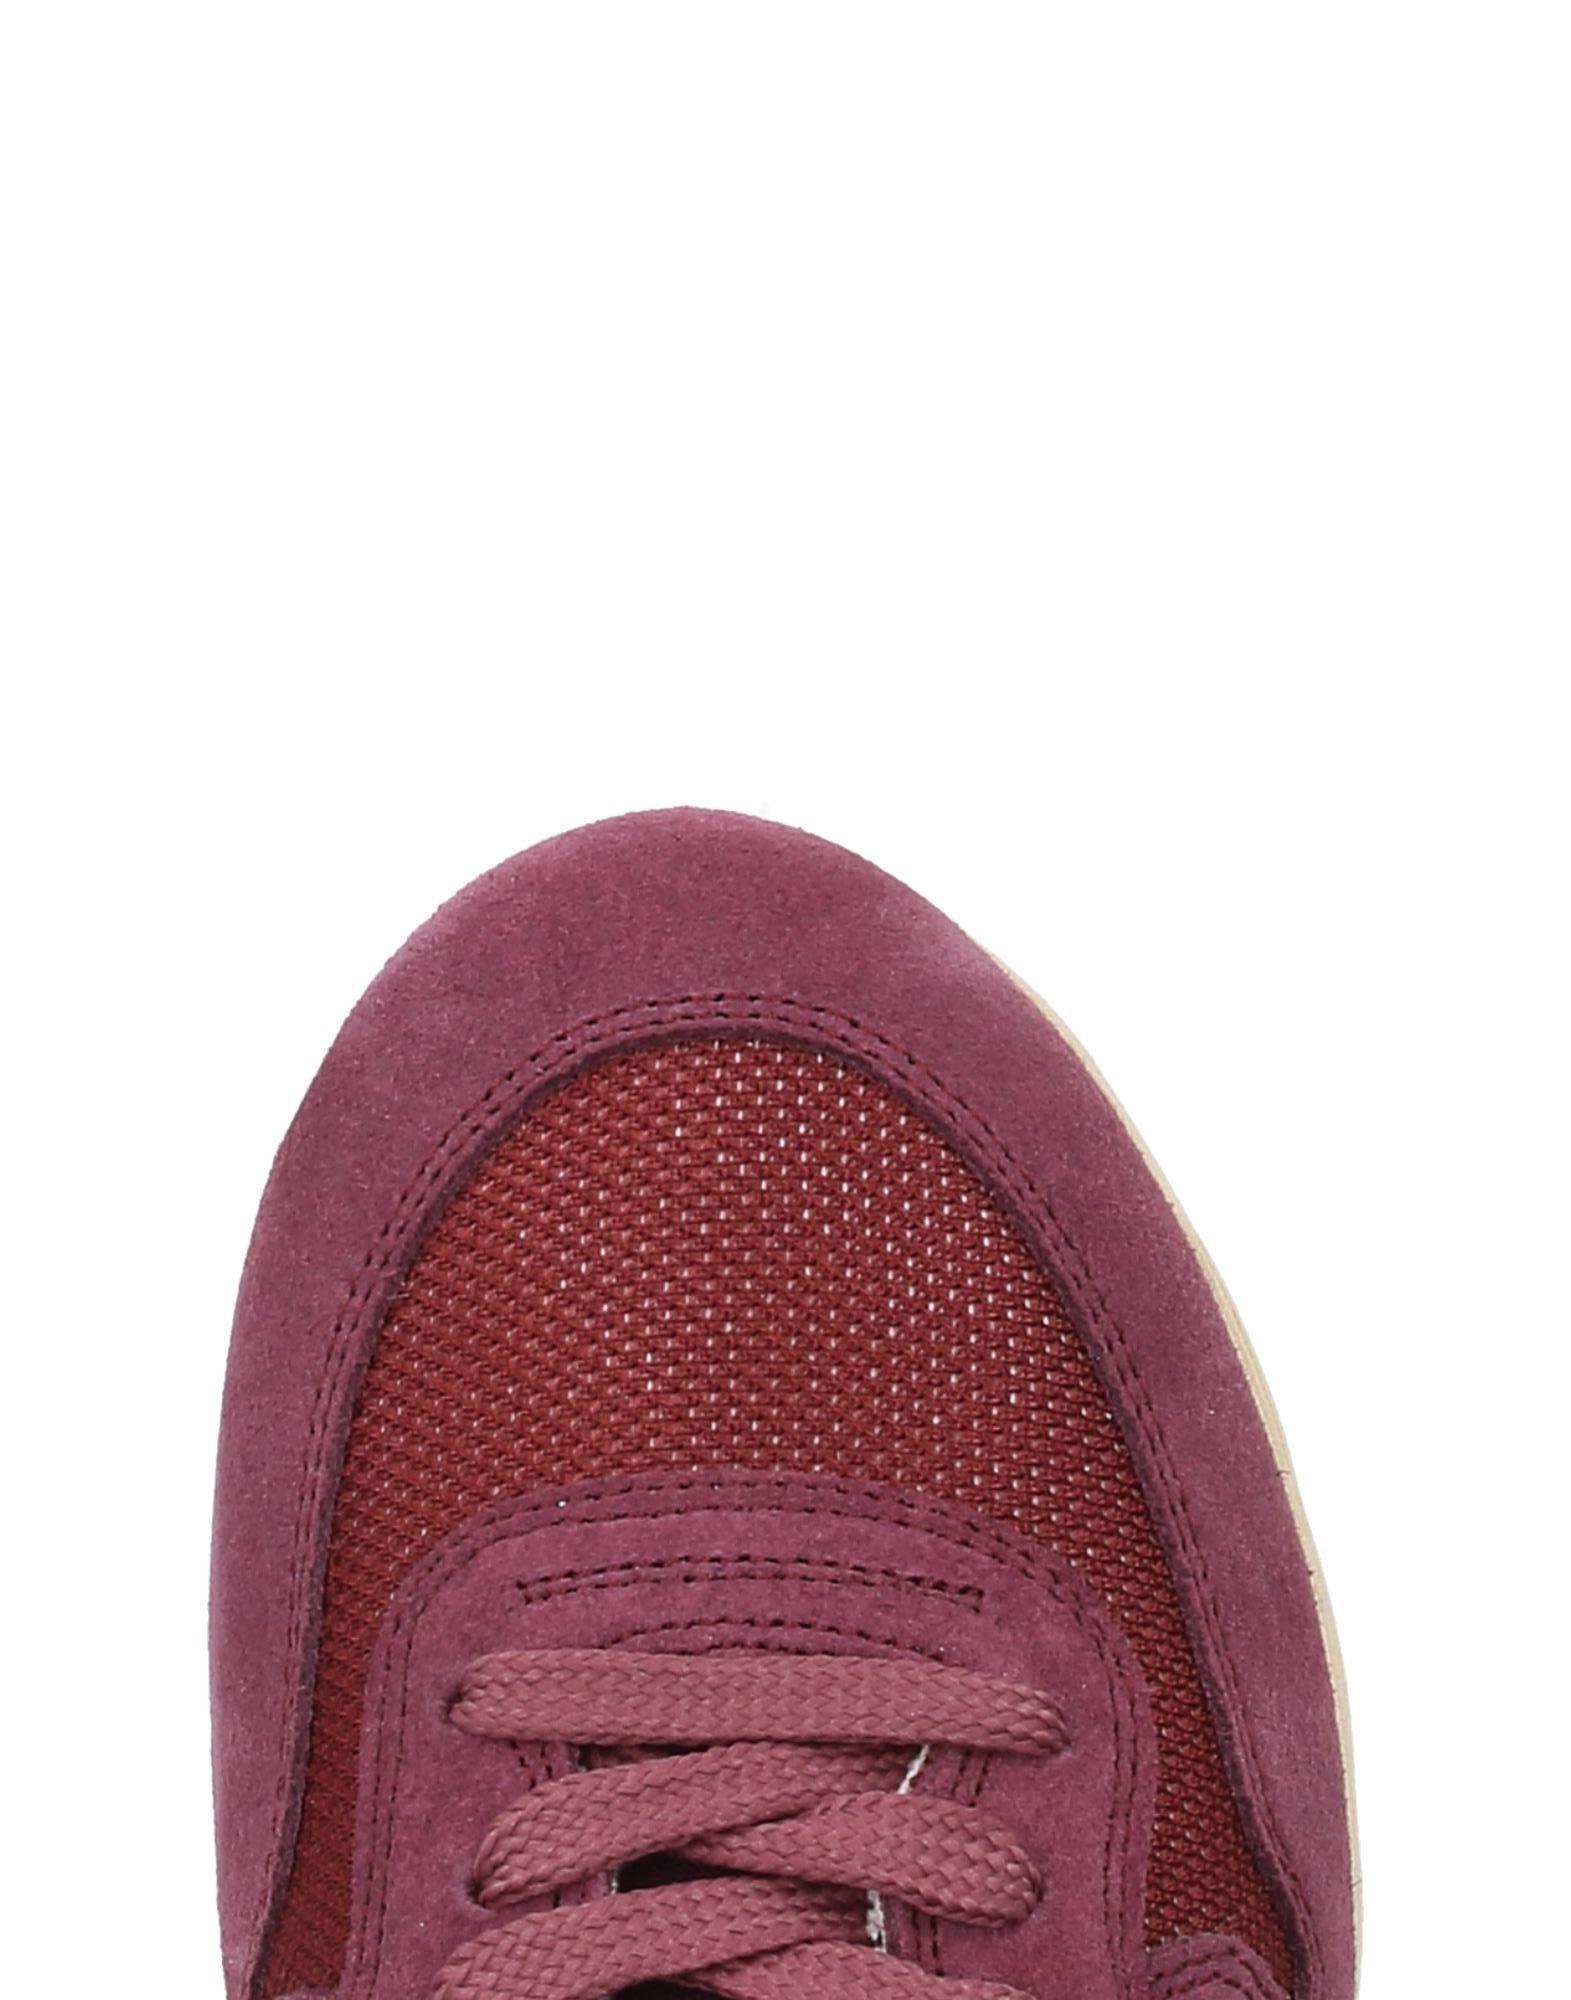 Haus Golden Goose Sneakers  Damen  Sneakers 11470208LB Neue Schuhe 41d71f